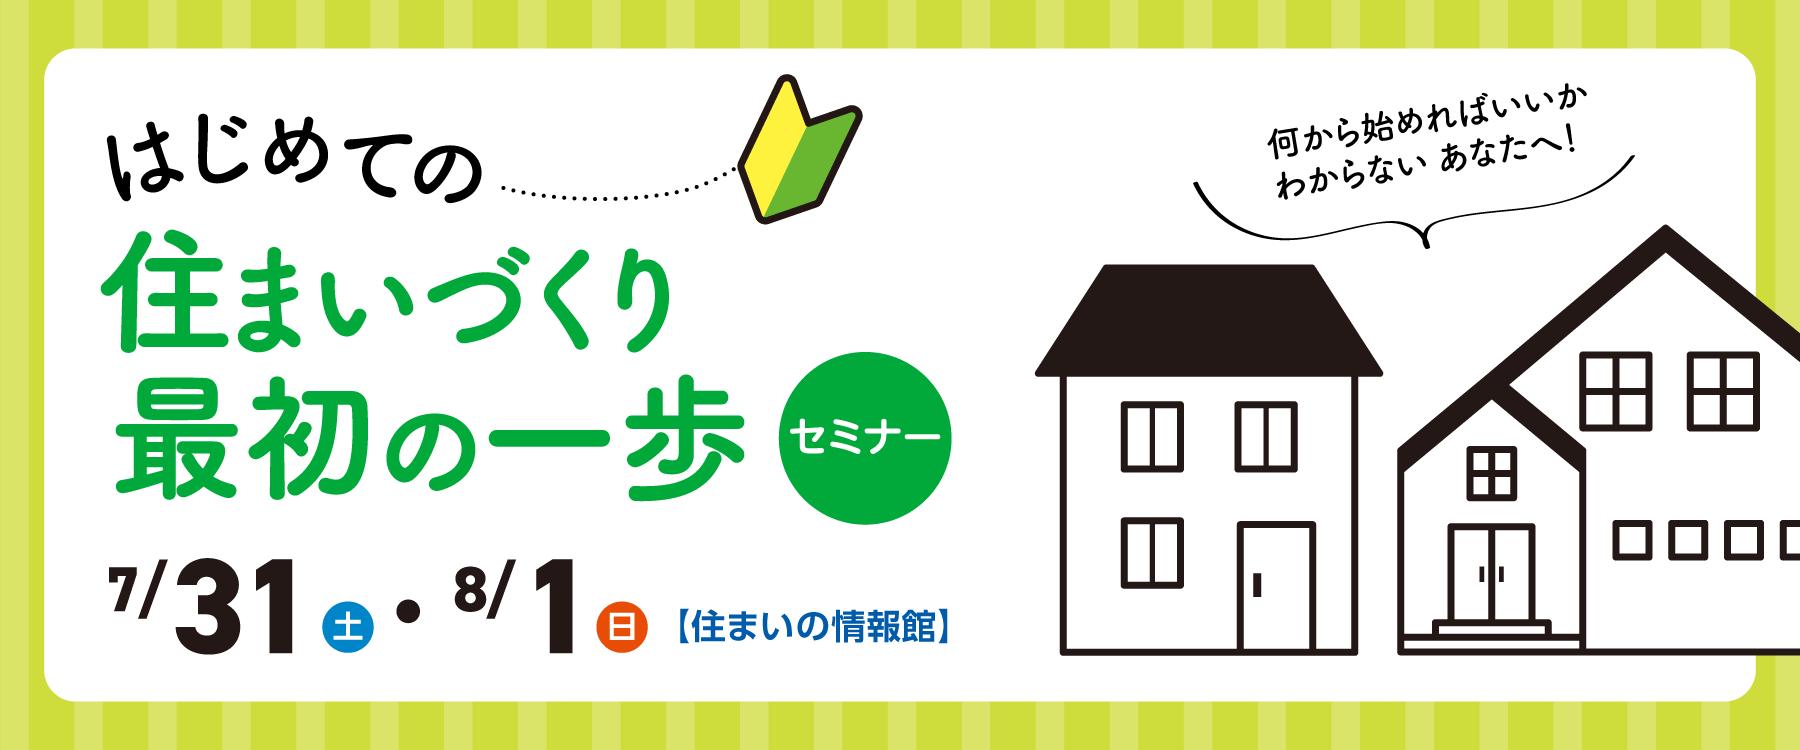 画像:7月31日(土)、8月1日(日)家が欲しくなったあなたへ 「はじめての住まいづくり、最初の一歩」セミナー